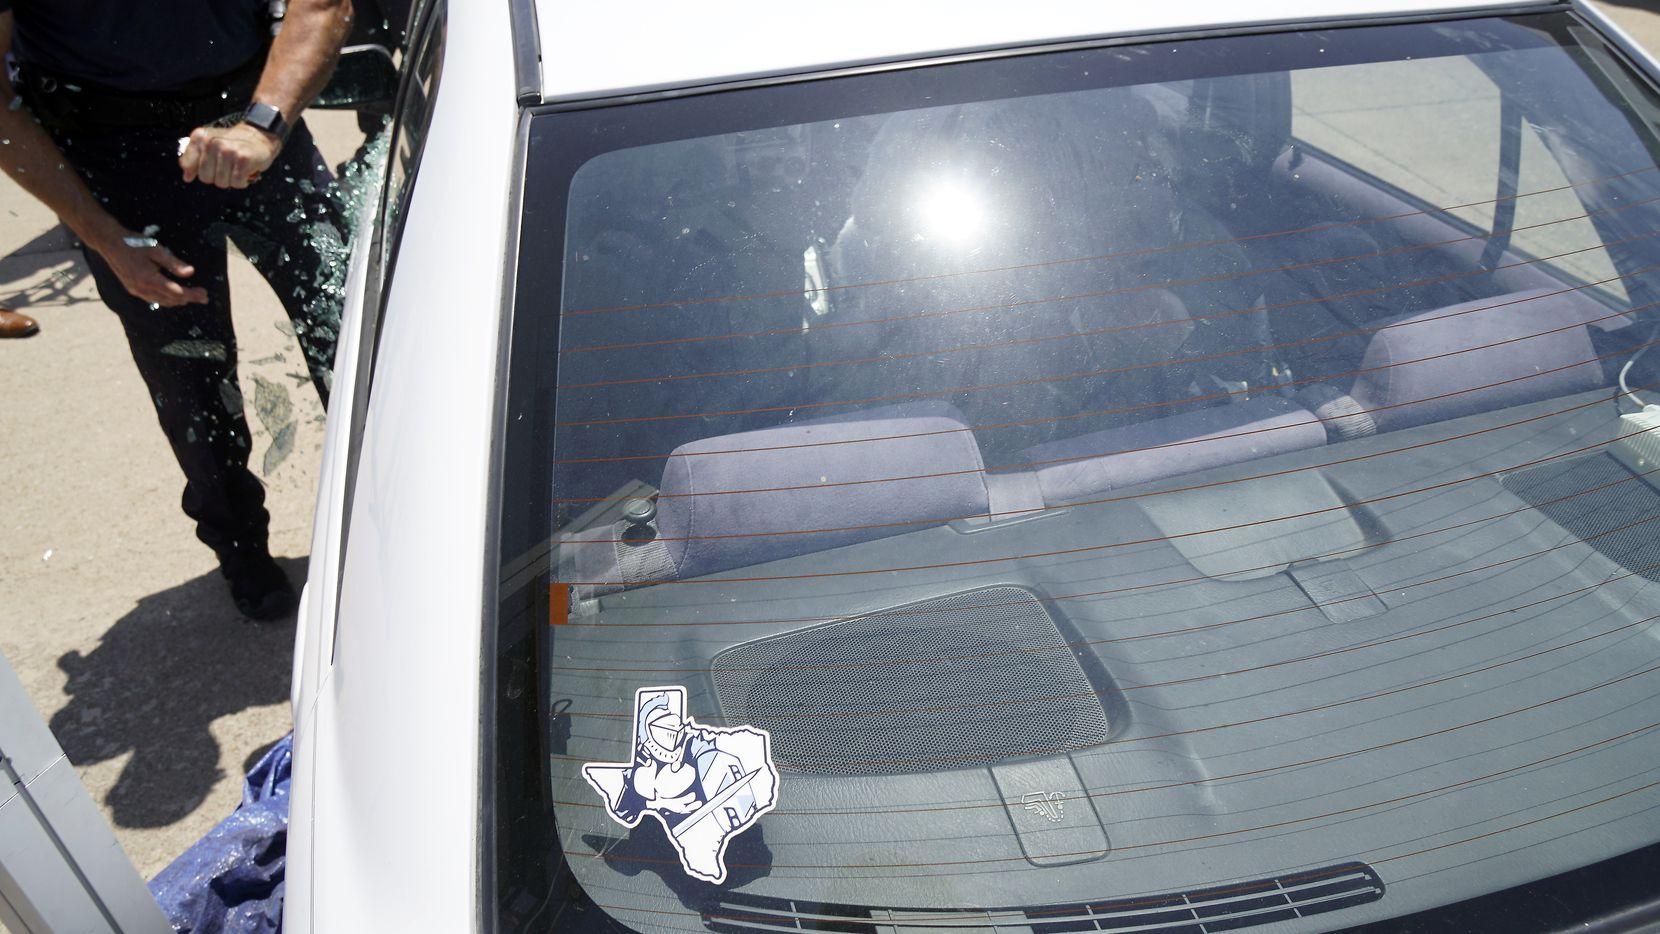 Paramédicos muestran cómo rescatar a un menor encerrado dentro de un auto durante el verano.